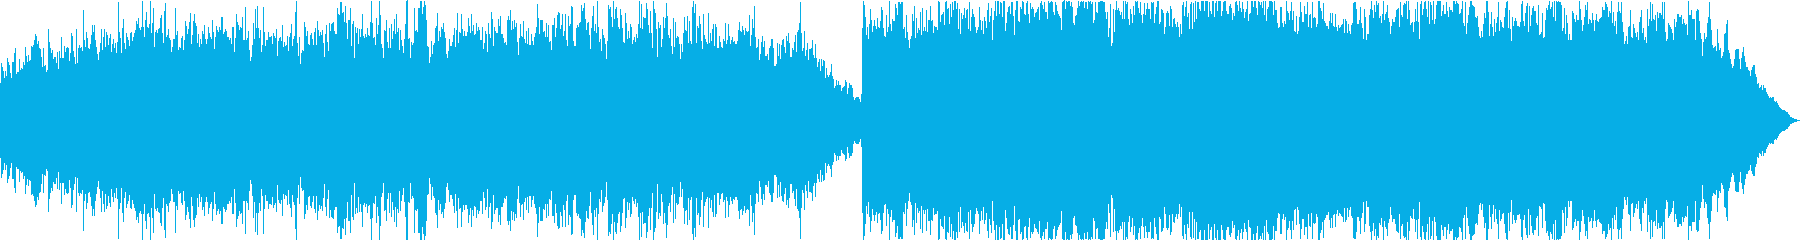 電気研究所Spacey-Sci-F...の再生済みの波形